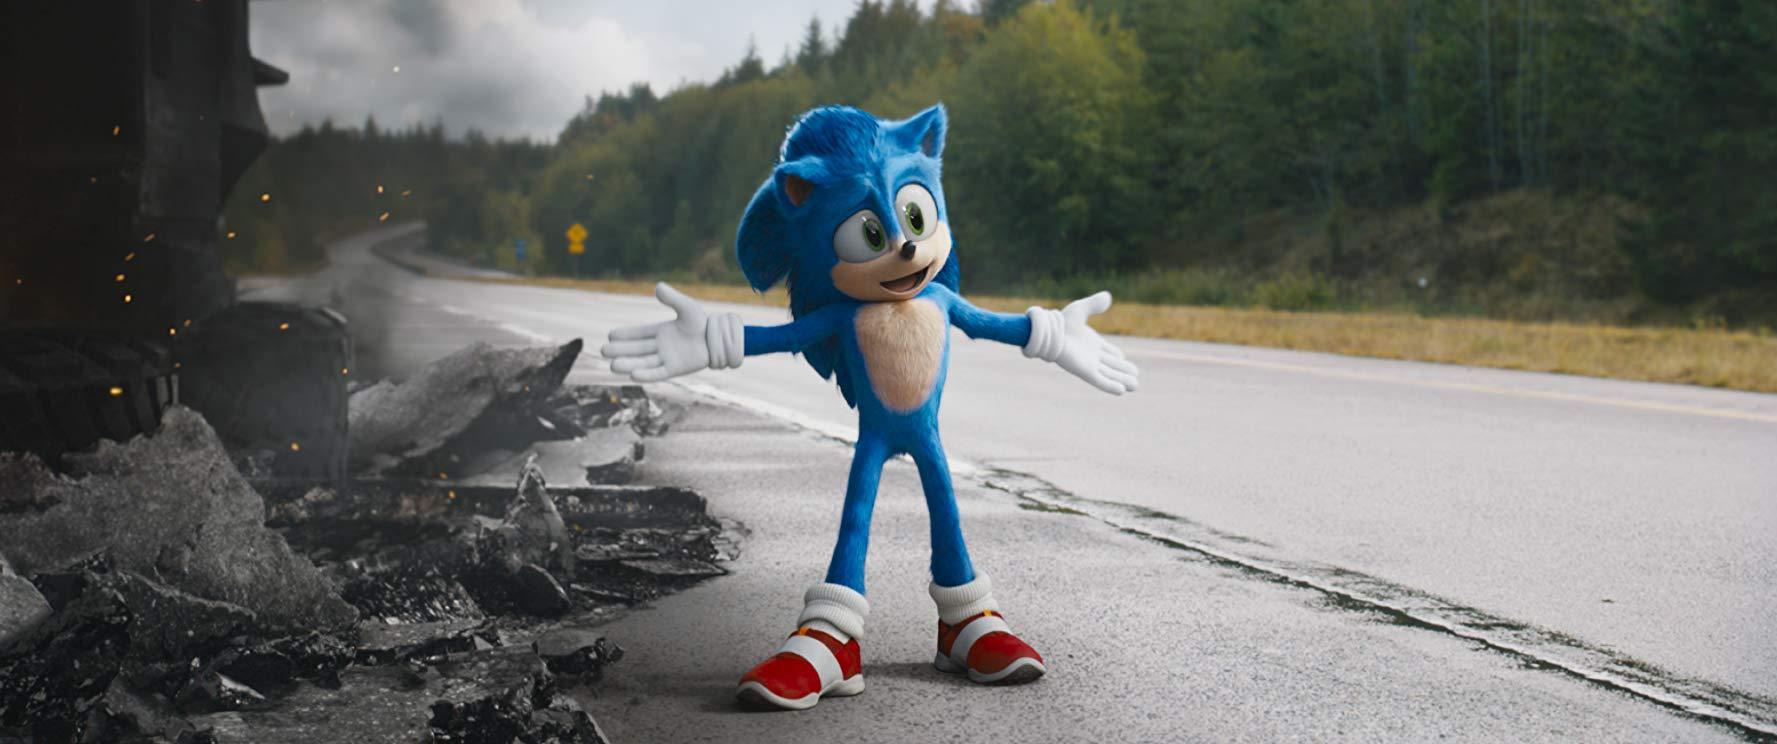 Sonic Il Film: una scena del film